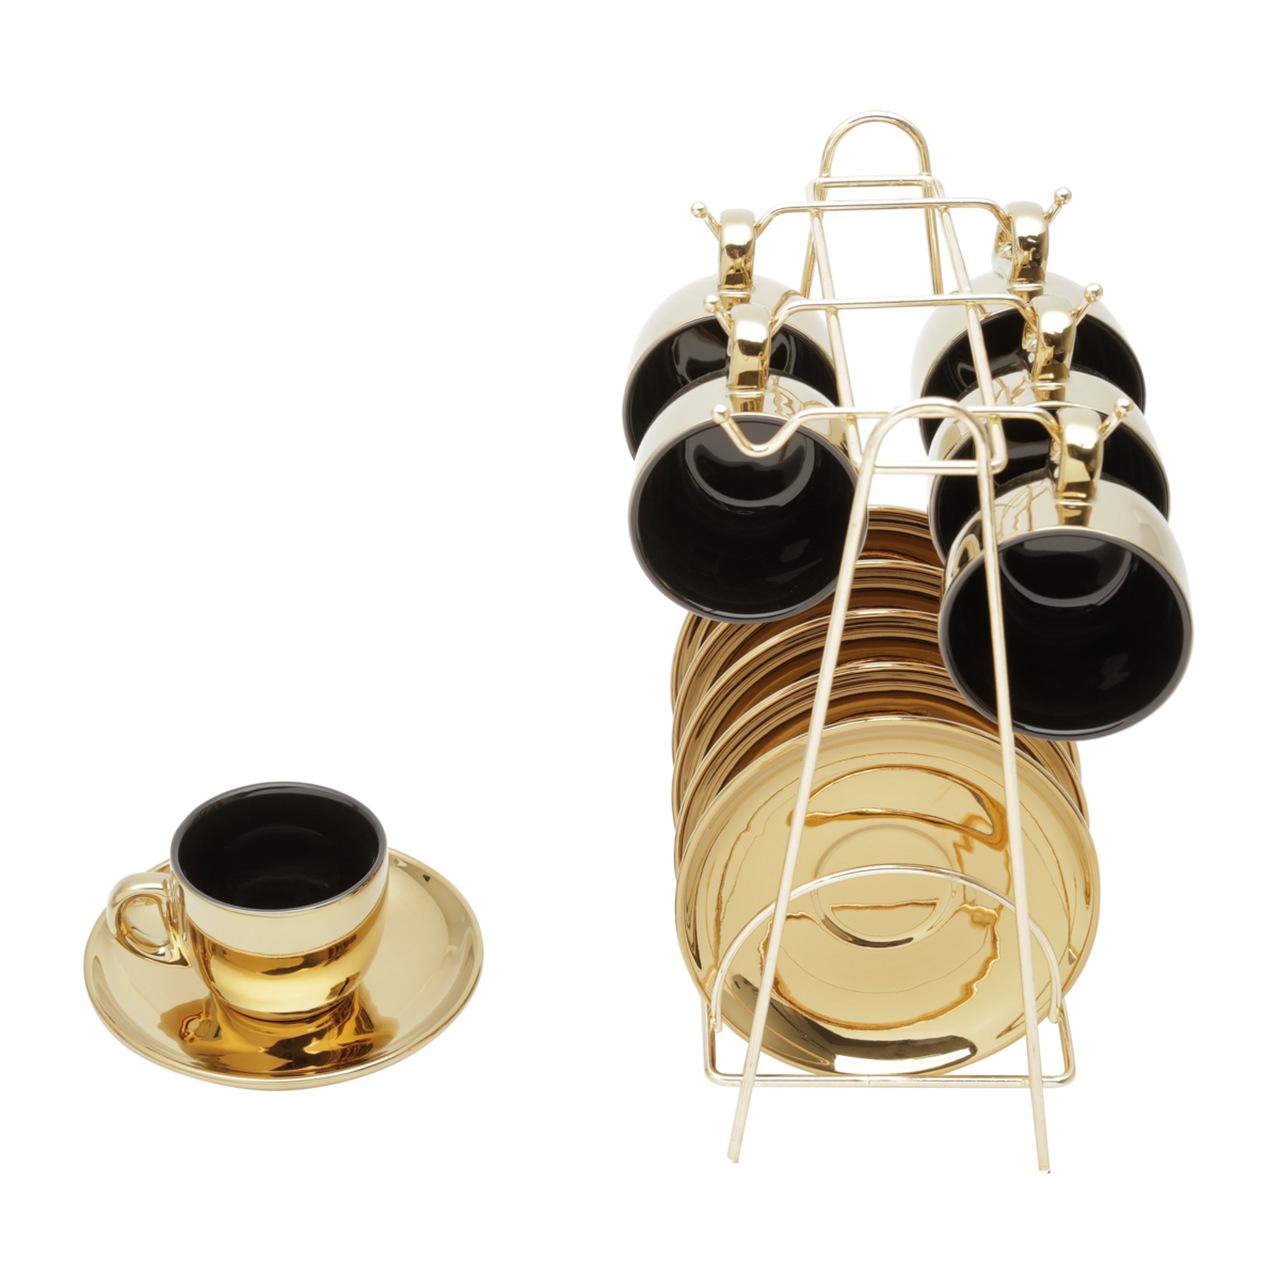 Conjunto 6 xícaras 90 ml para café de porcelana preto/dourado com pires e suporte Versa  Wolff - 35526